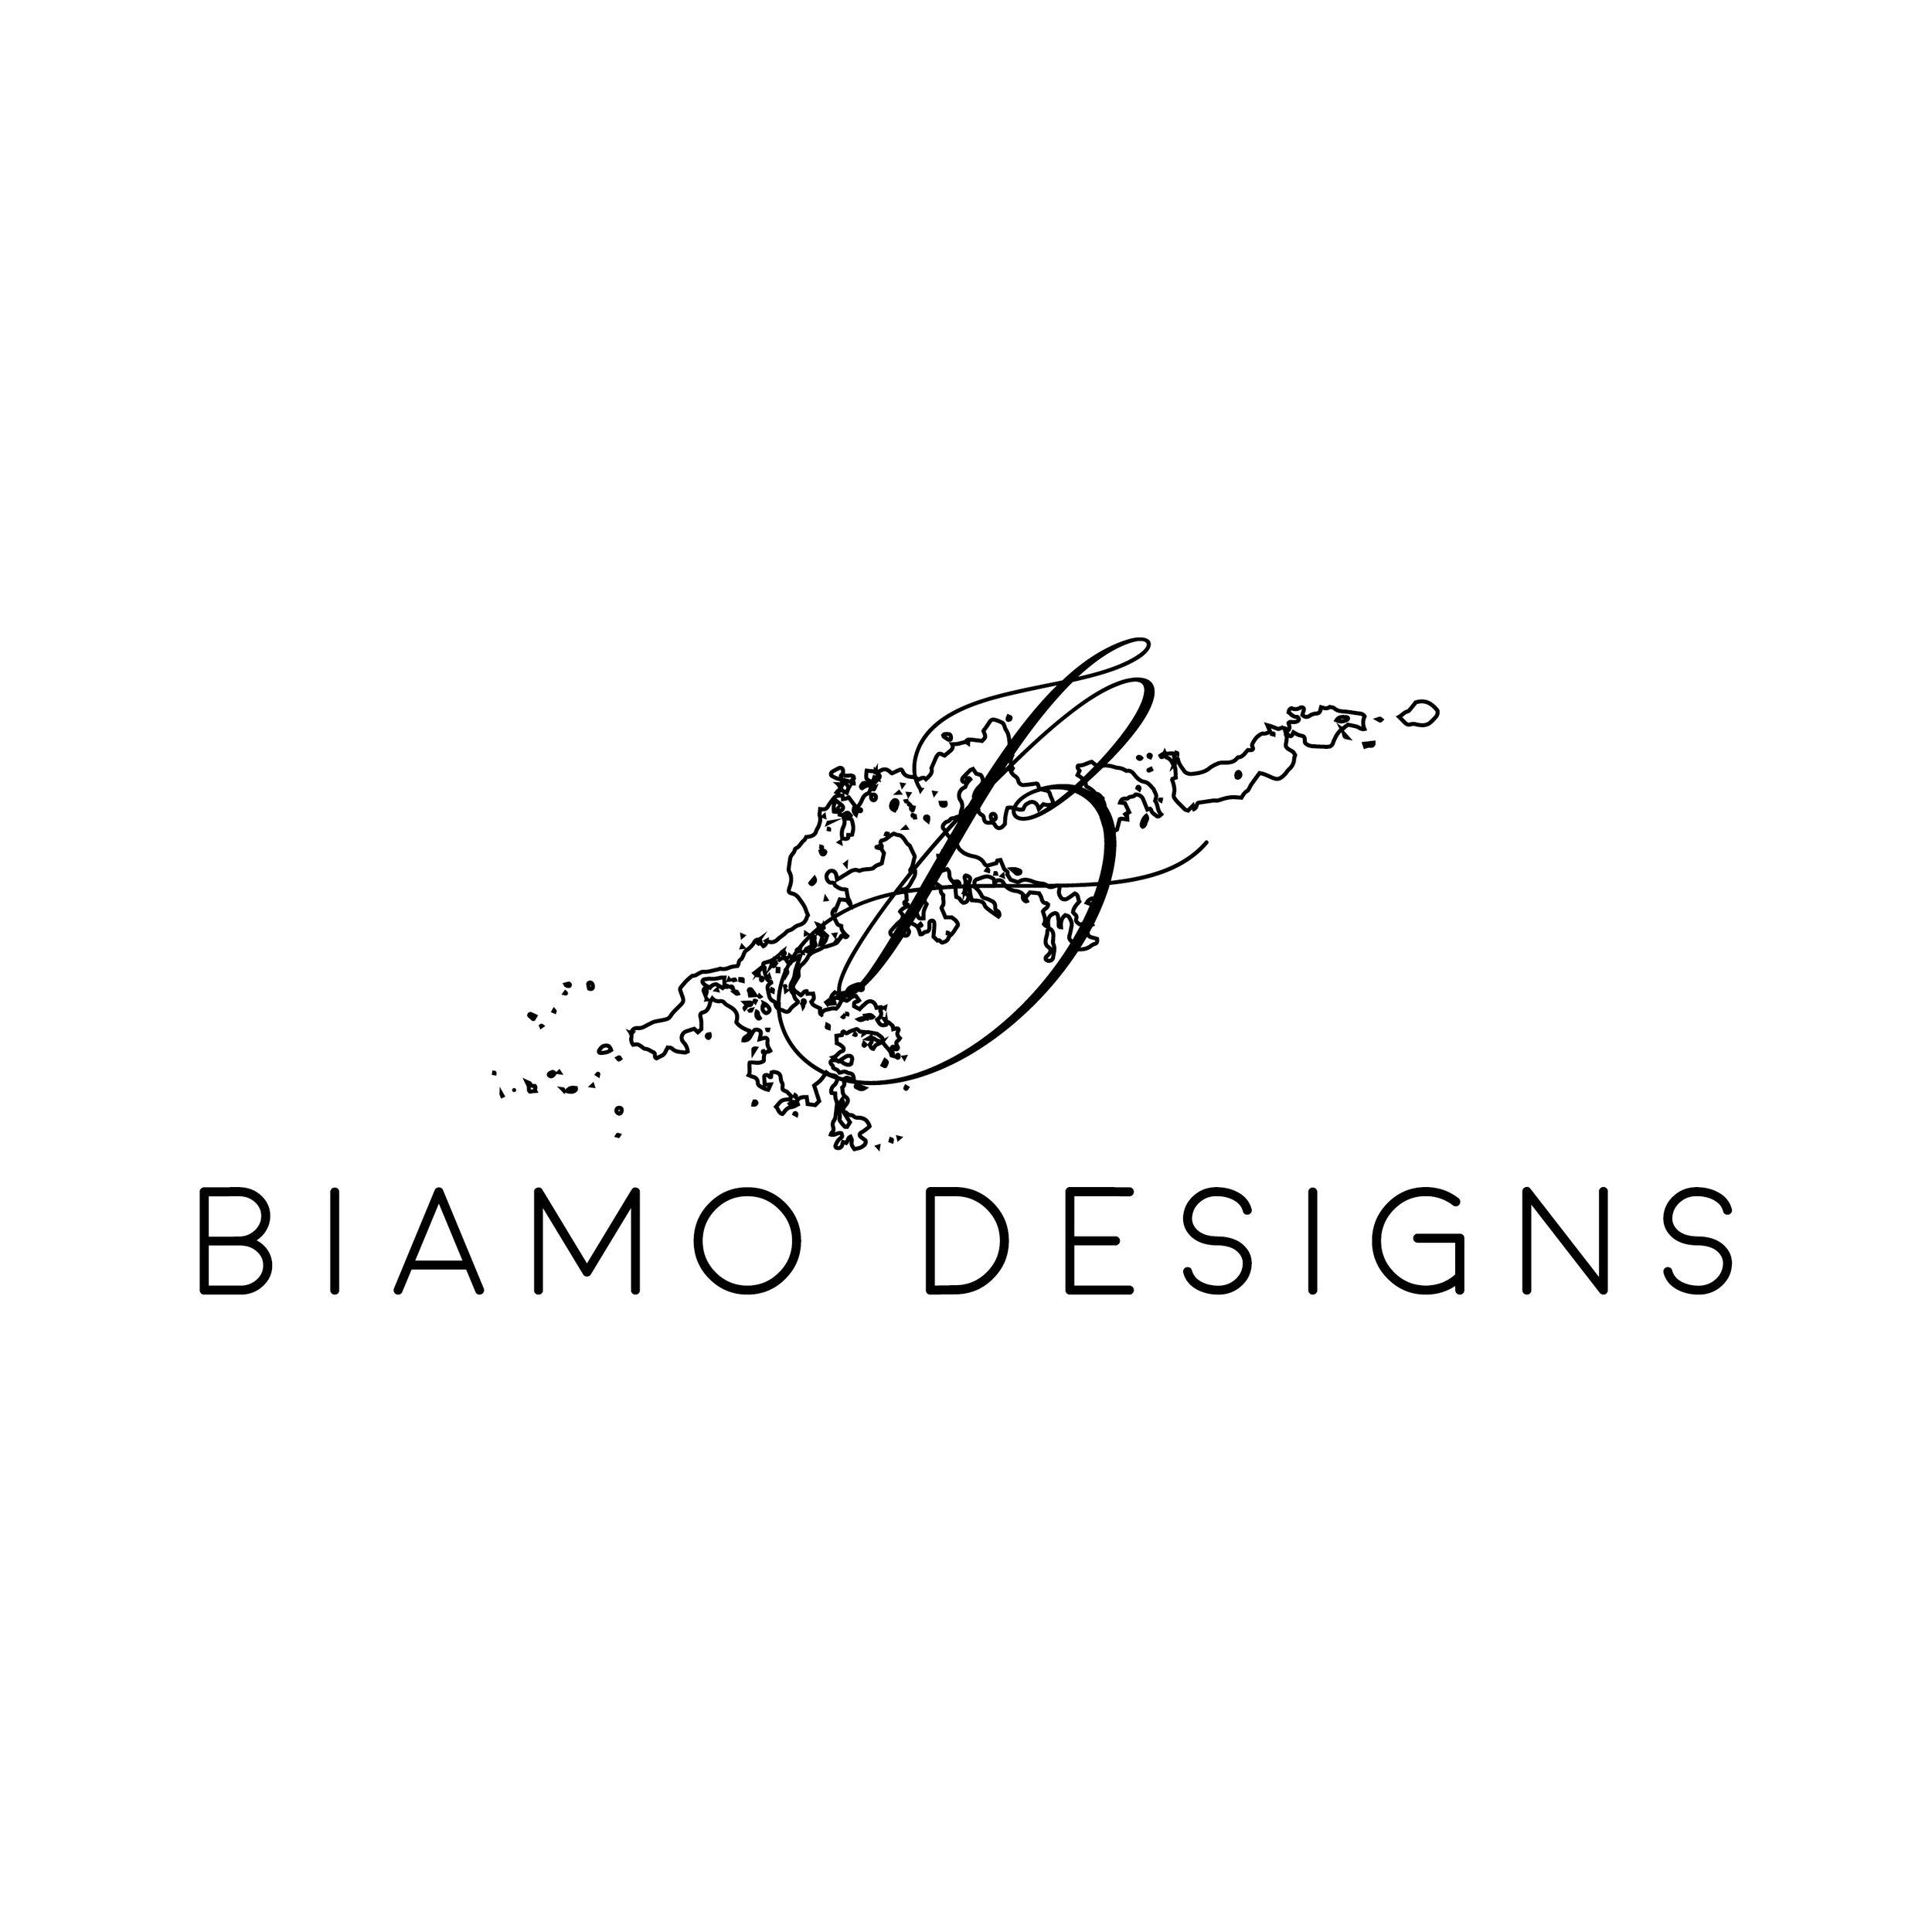 BIAMO DESIGNS   Brand Identity + Web Design